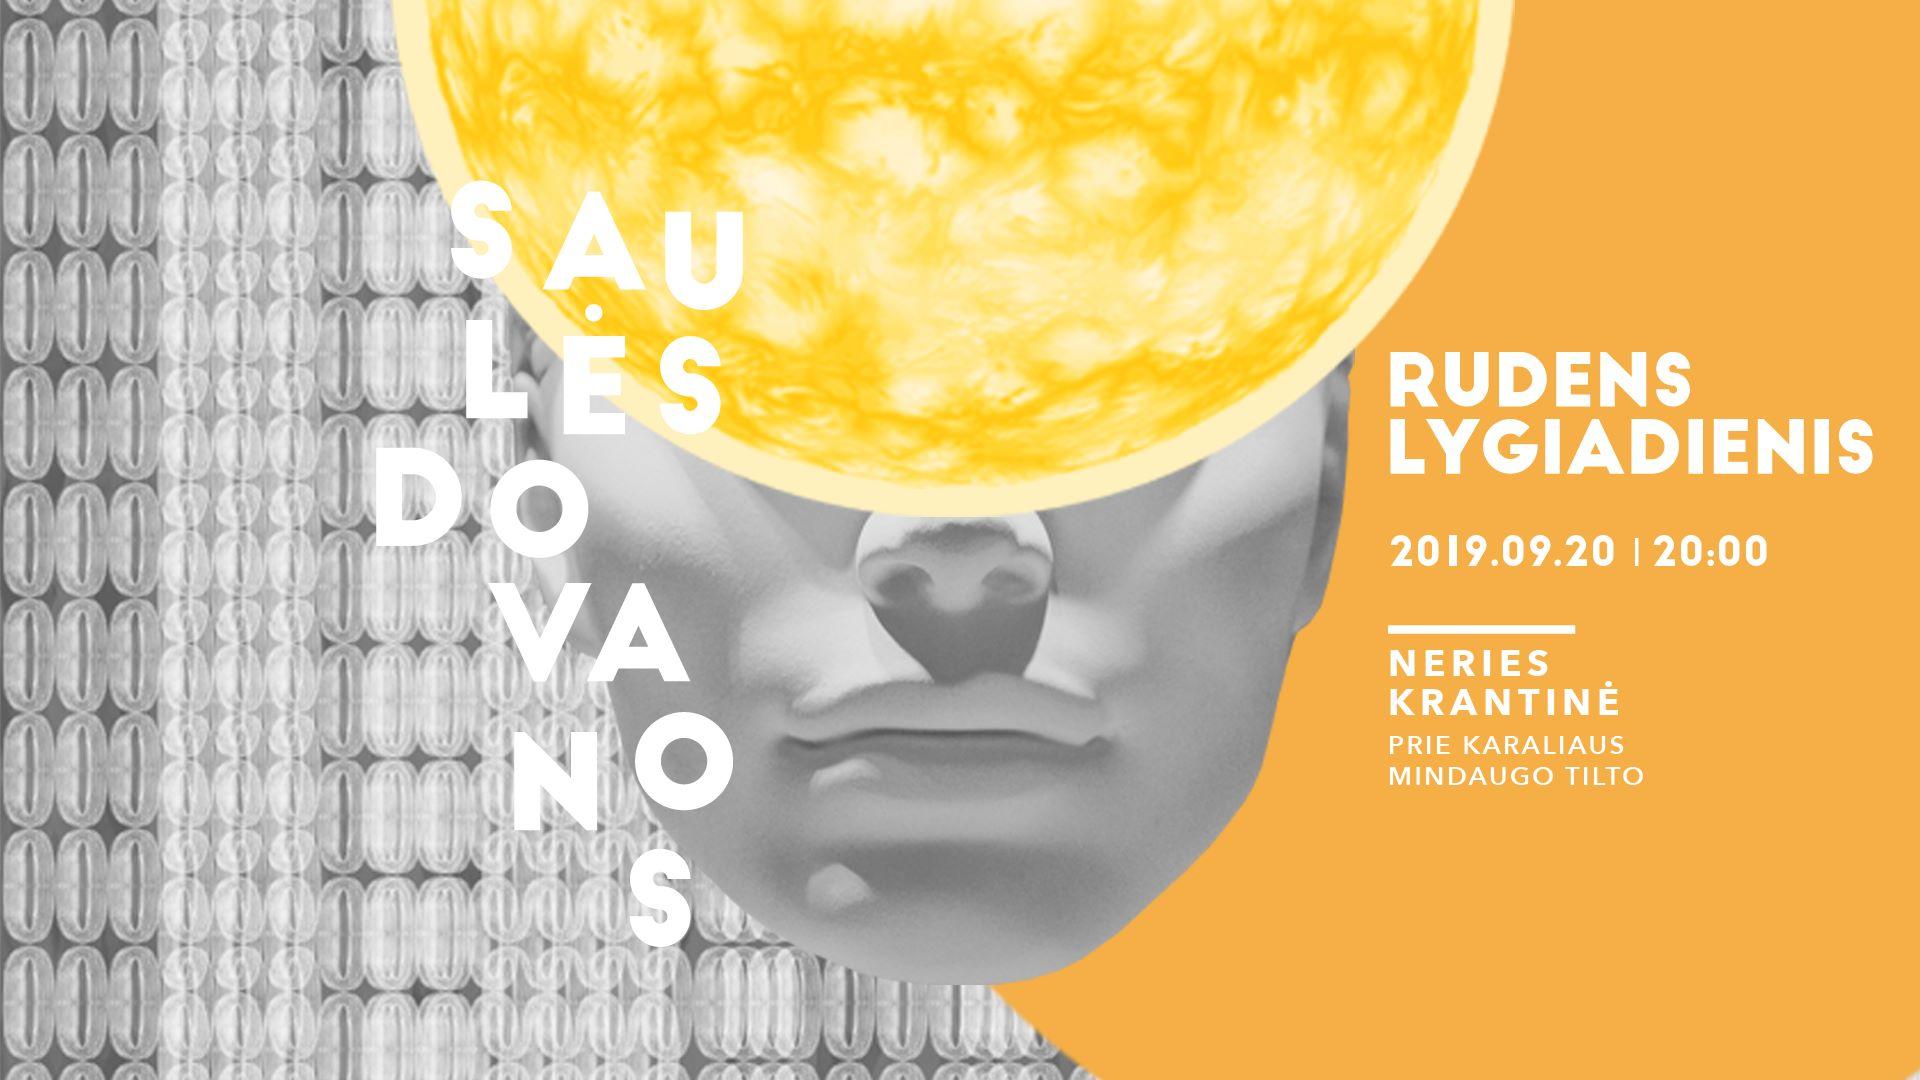 Rudens lygiadienis Vilniuje-plakatas1